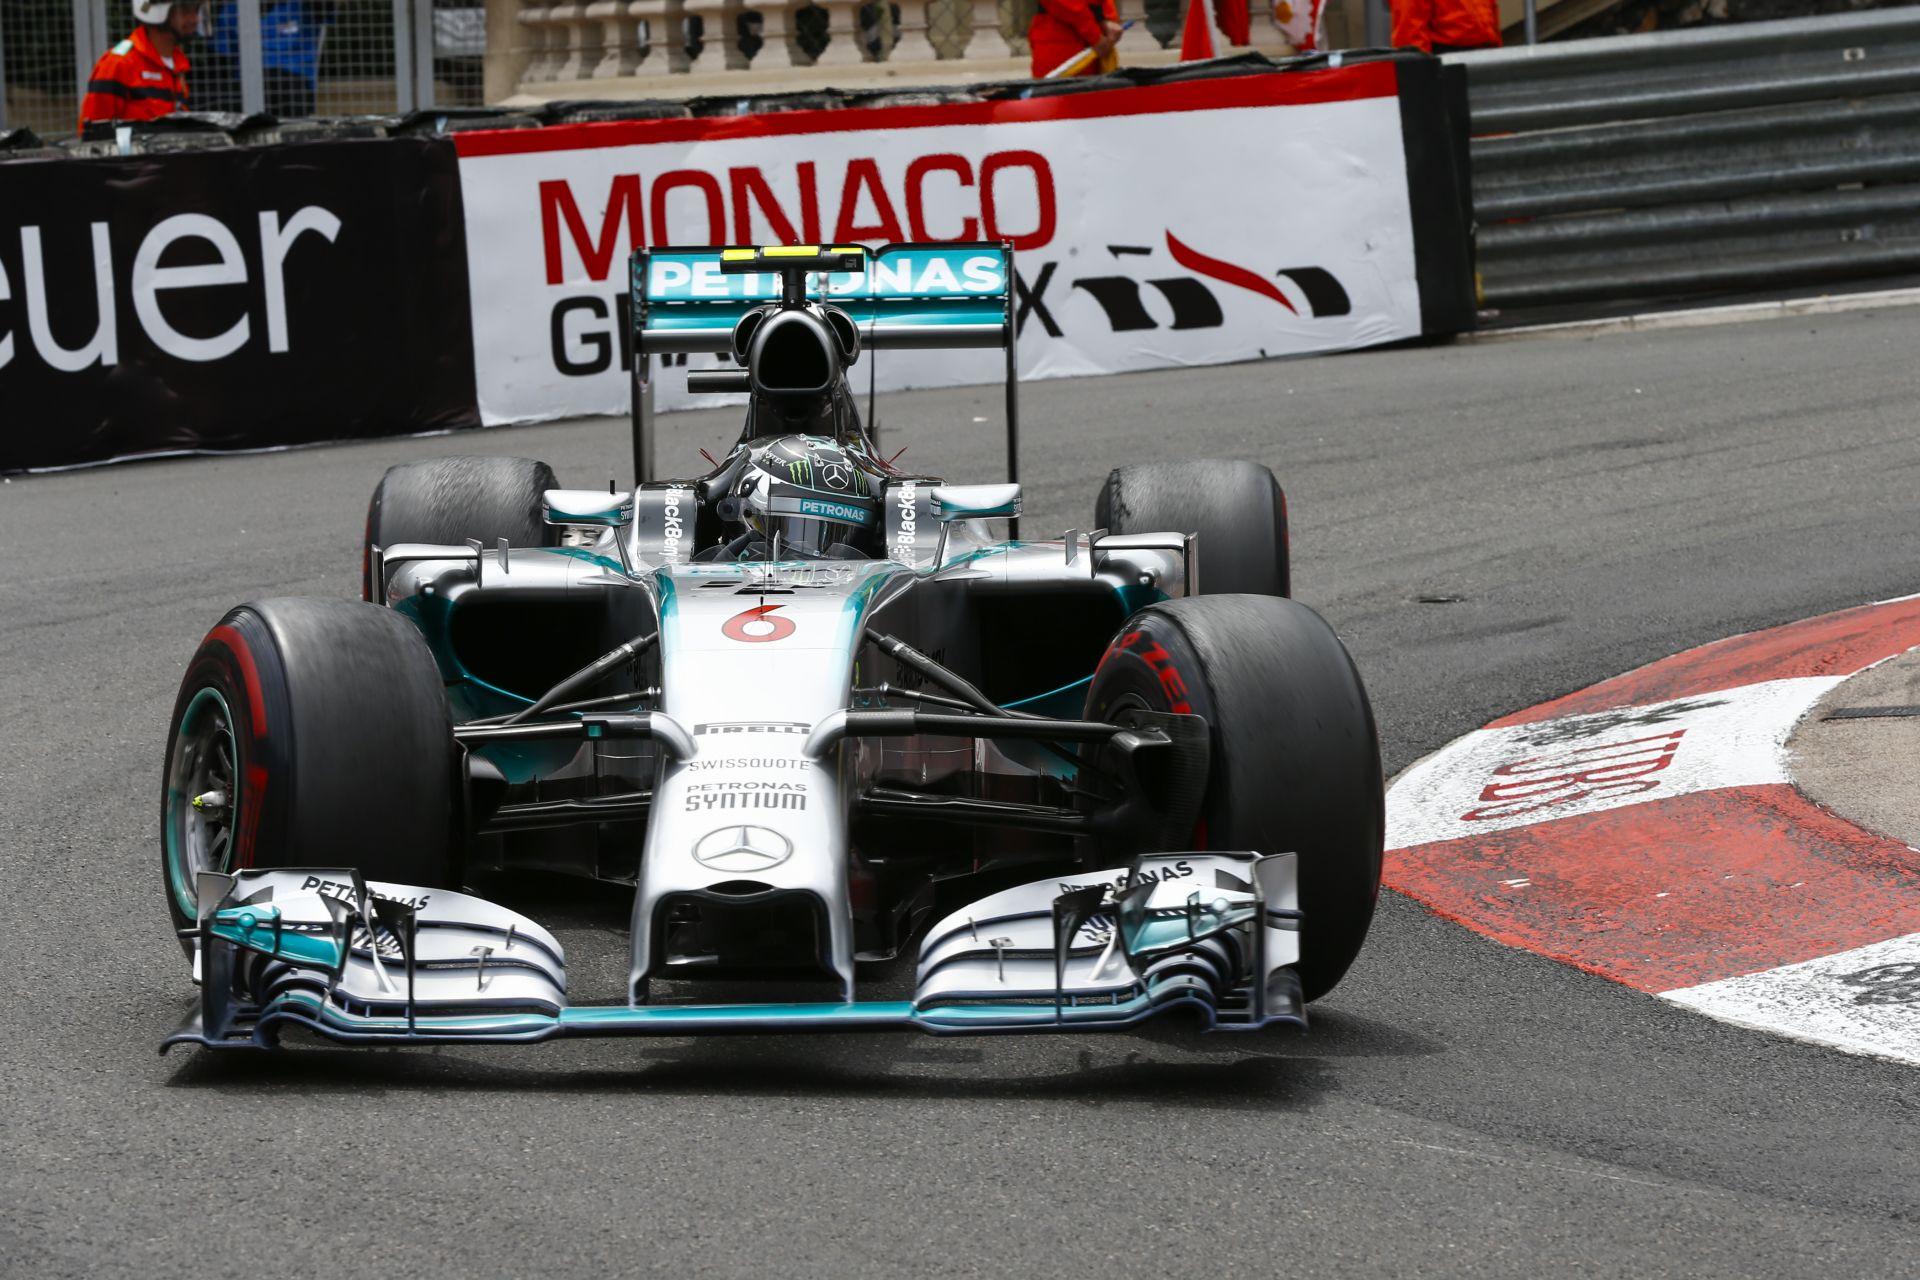 A Mercedes fejlesztgetett a tél folyamán, de semmi extra...